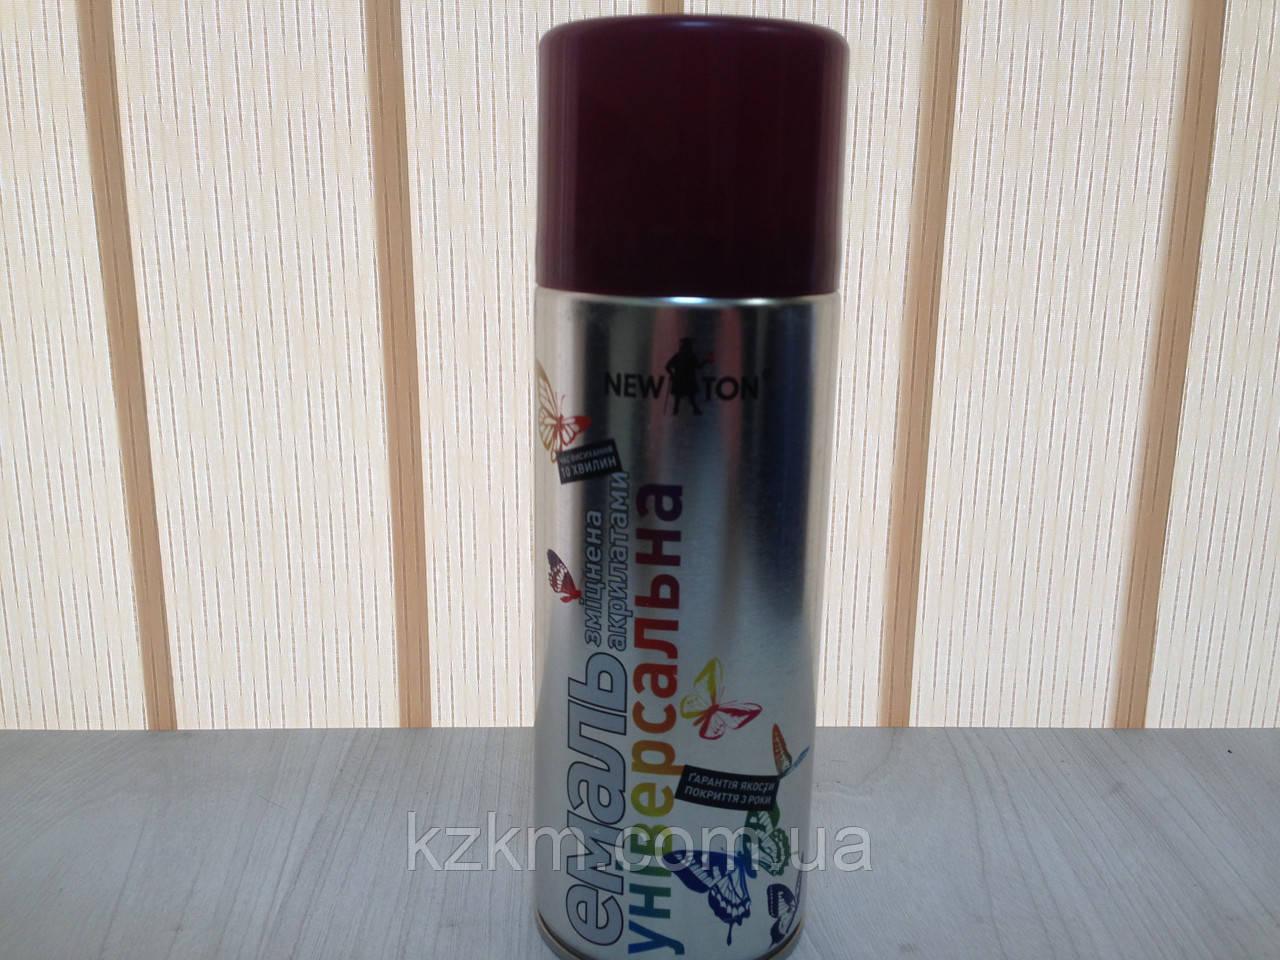 Краска для оцинковки темно-вишневая, ral 3005